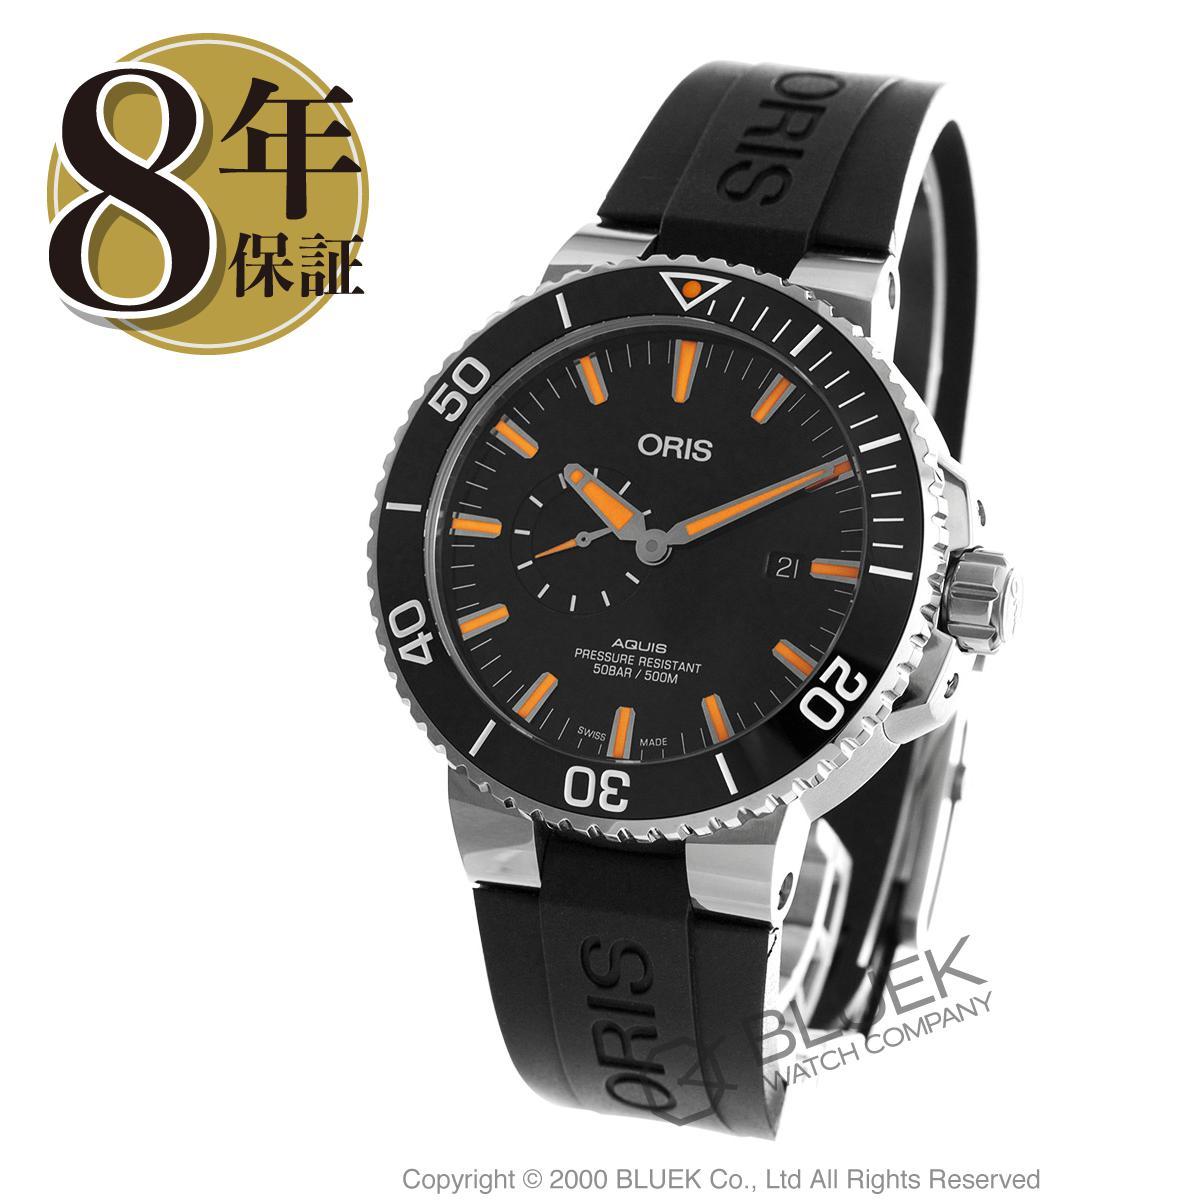 オリス アクイス スモールセコンド デイト 500m防水 腕時計 メンズ ORIS 743 7733 4159R_8